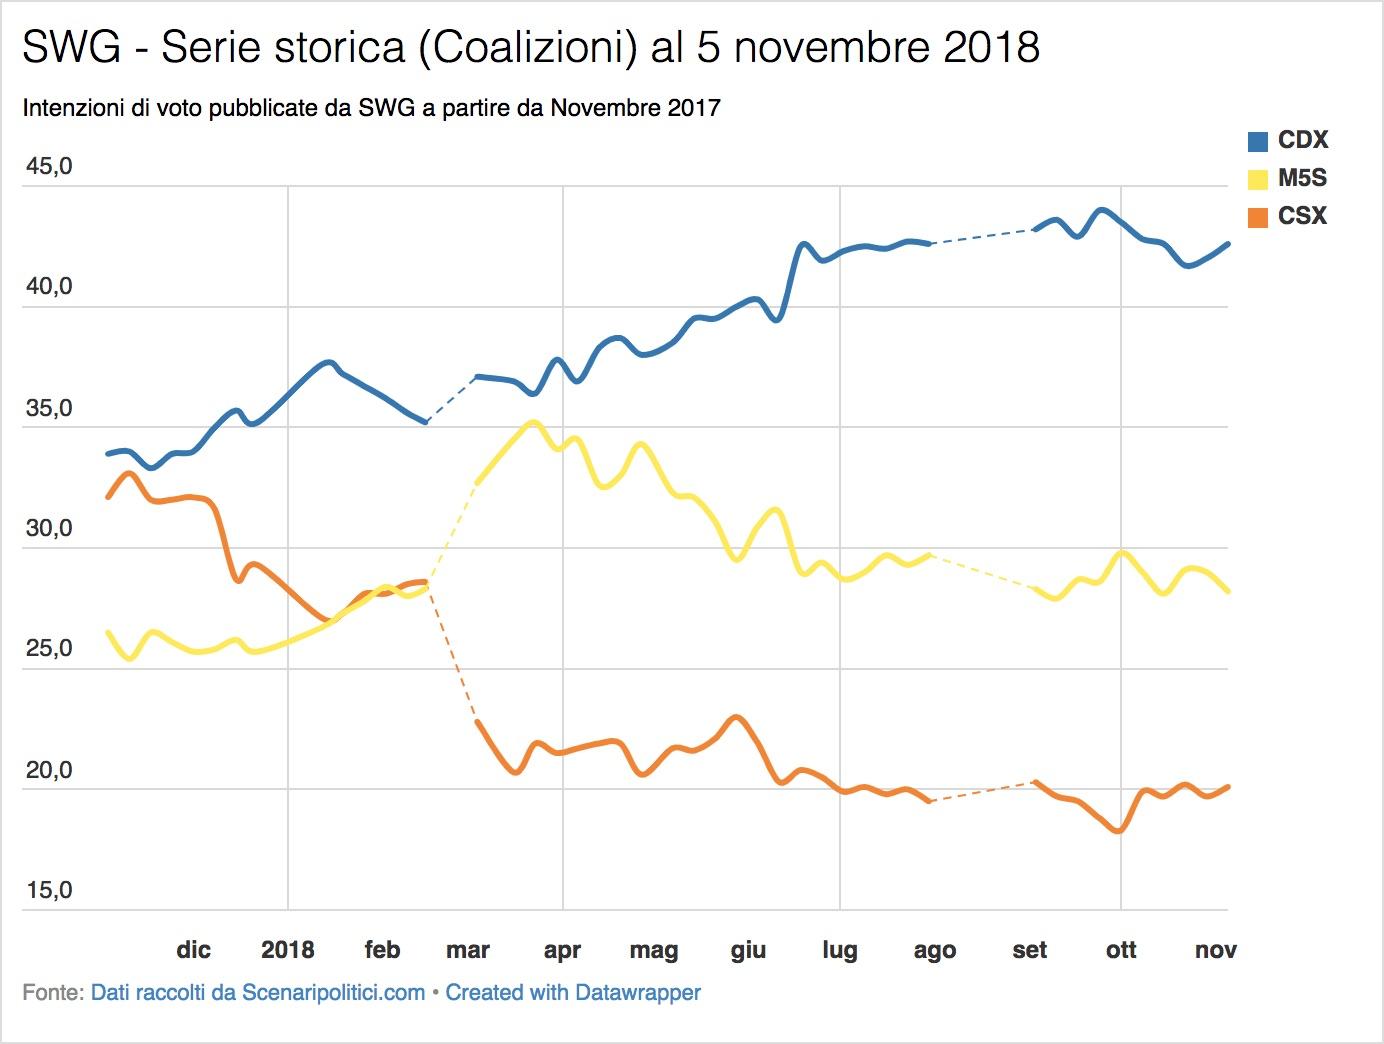 Sondaggio SWG (5 novembre 2018)